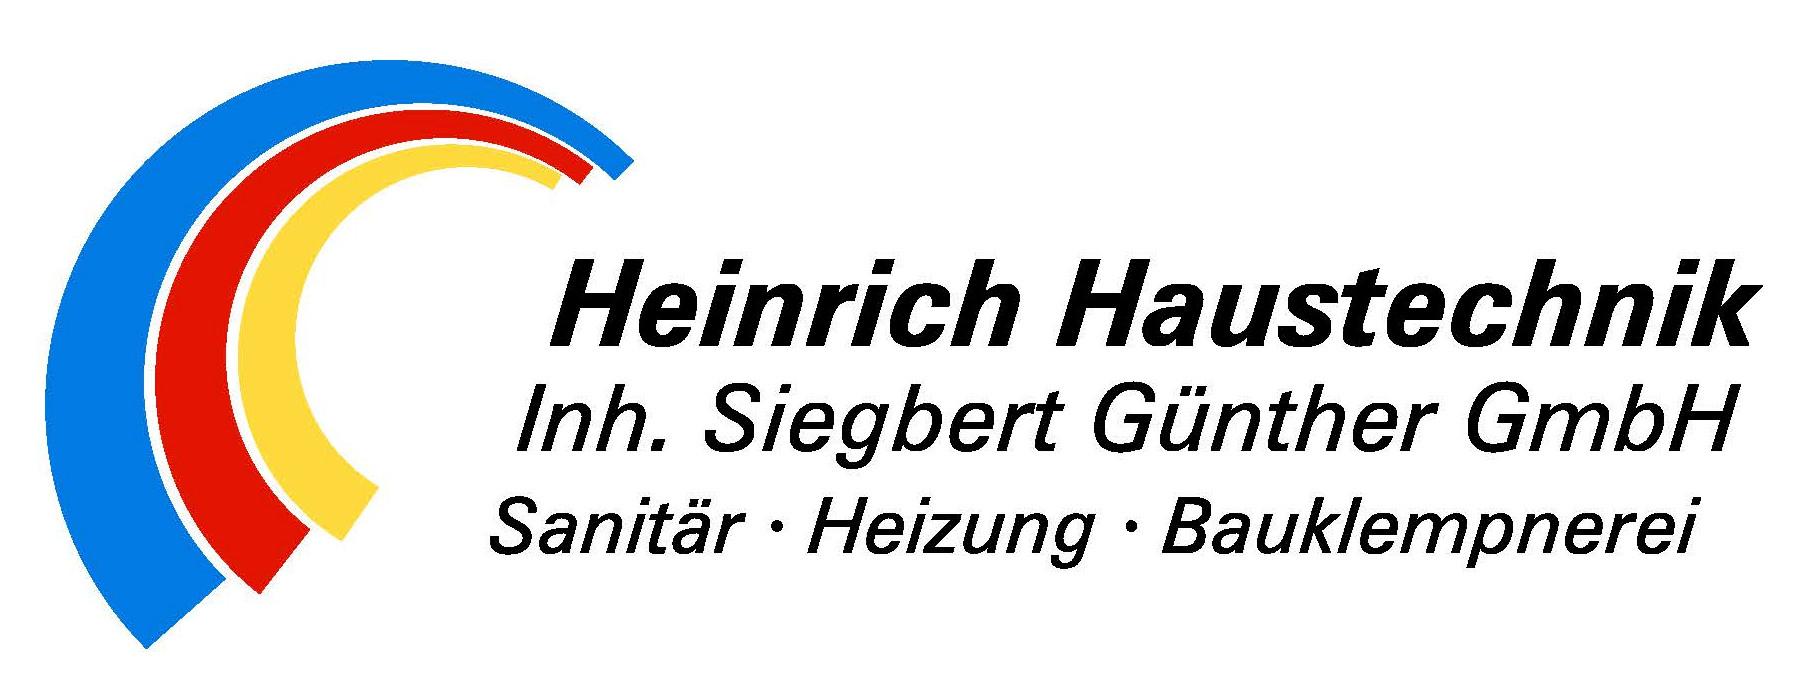 Heinrich Haustechnik